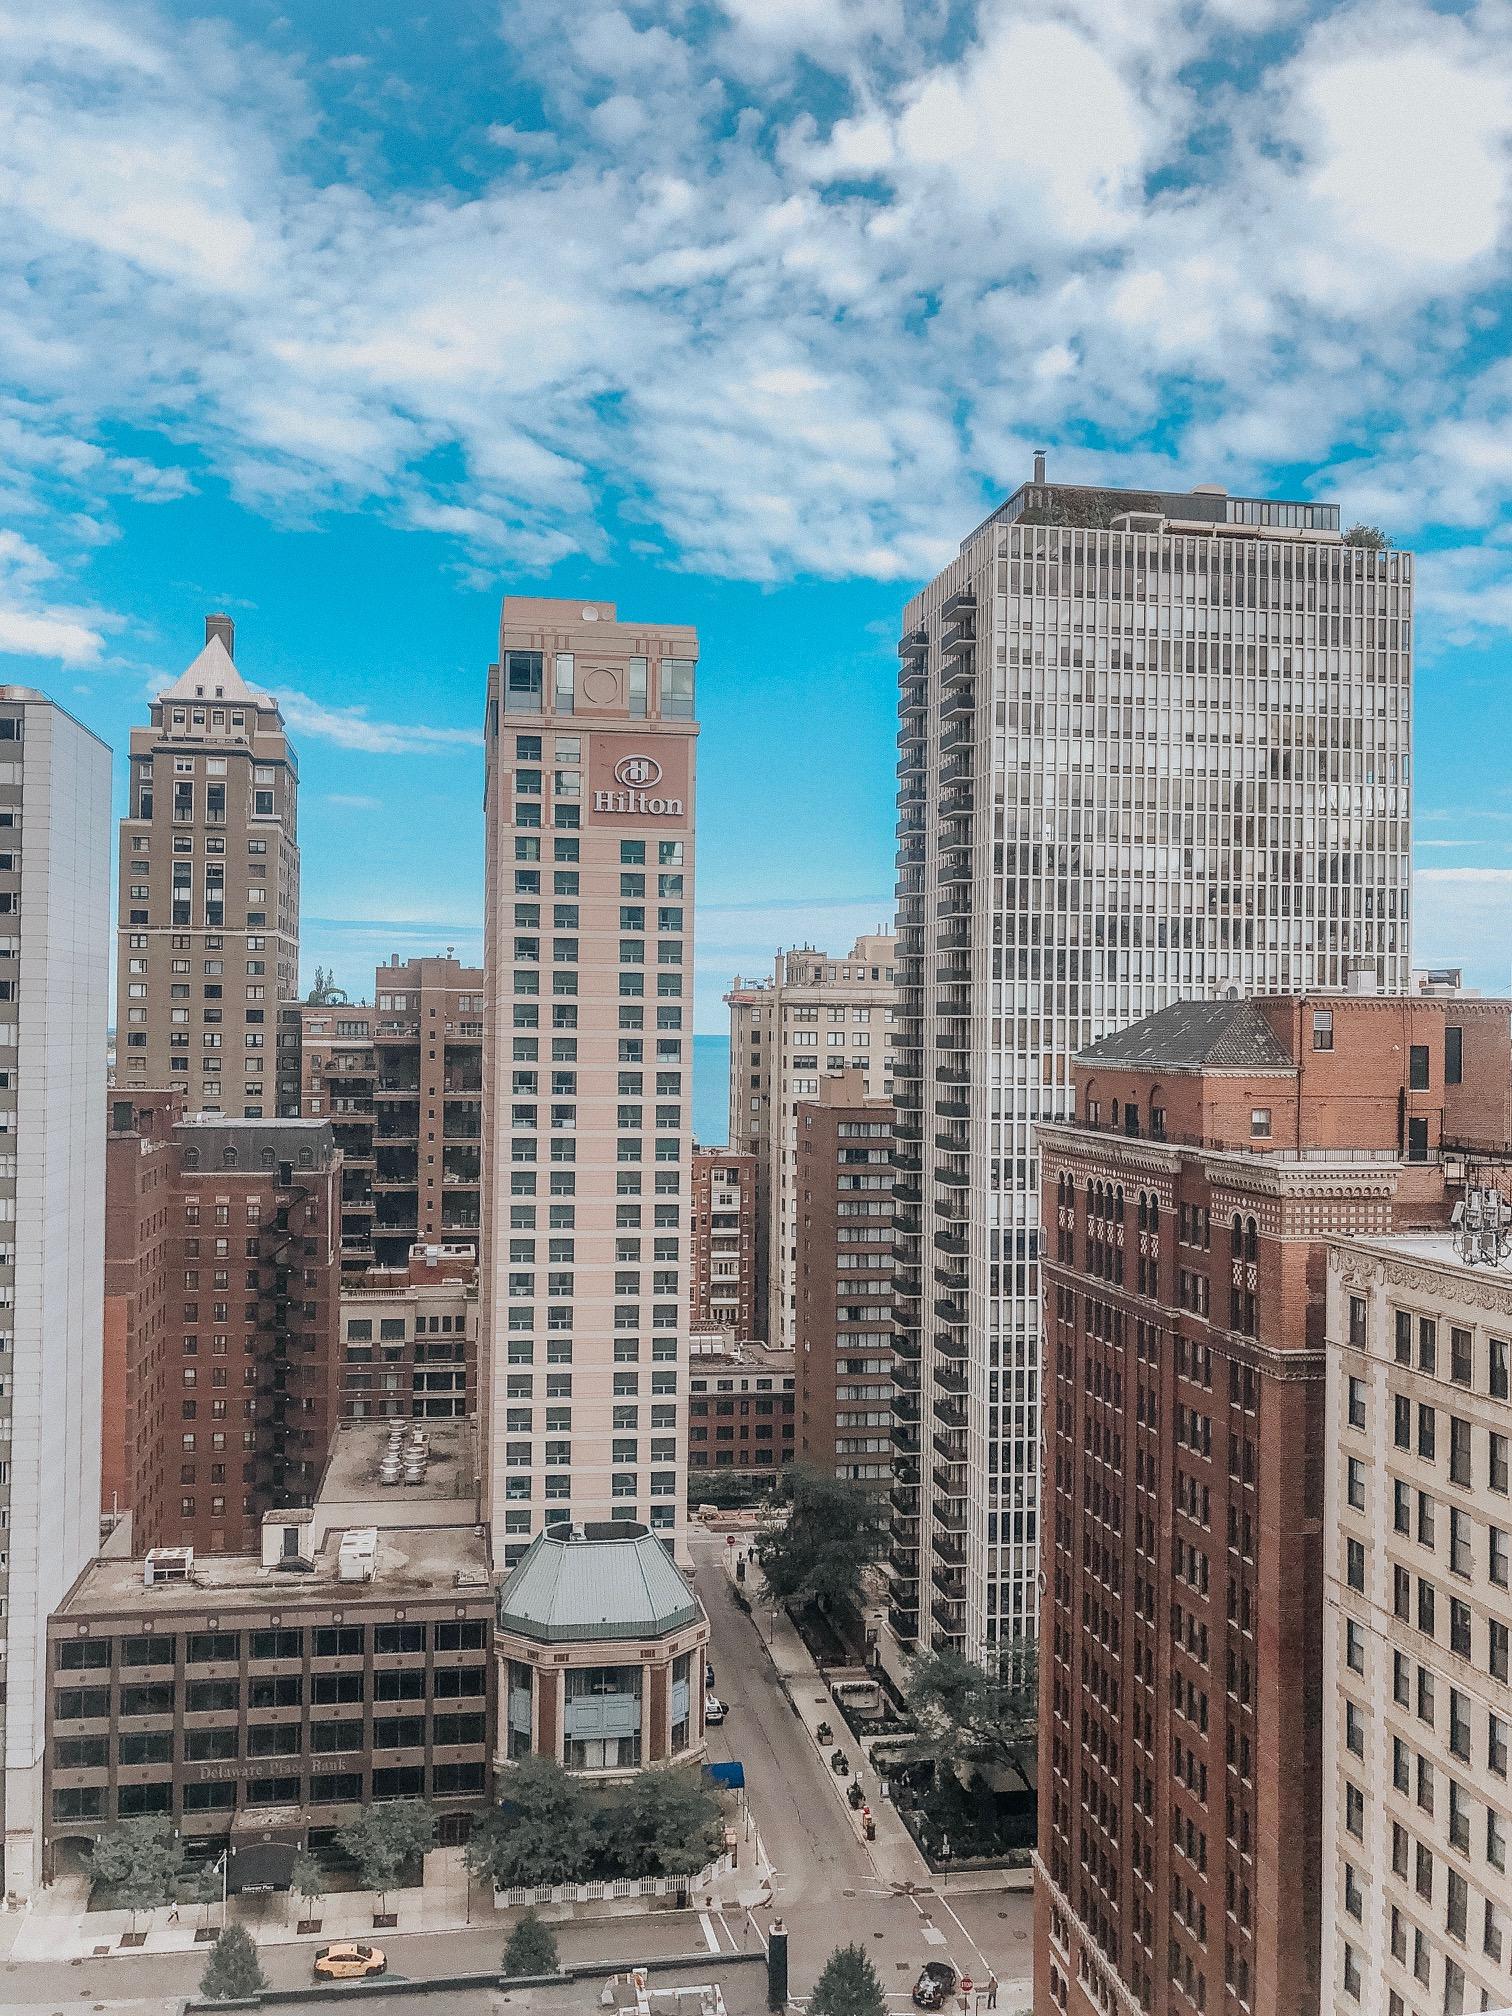 Girls weekend in Chicago #girlstrip #weekendtrip #chicago #roadtrip #ritzcarlton